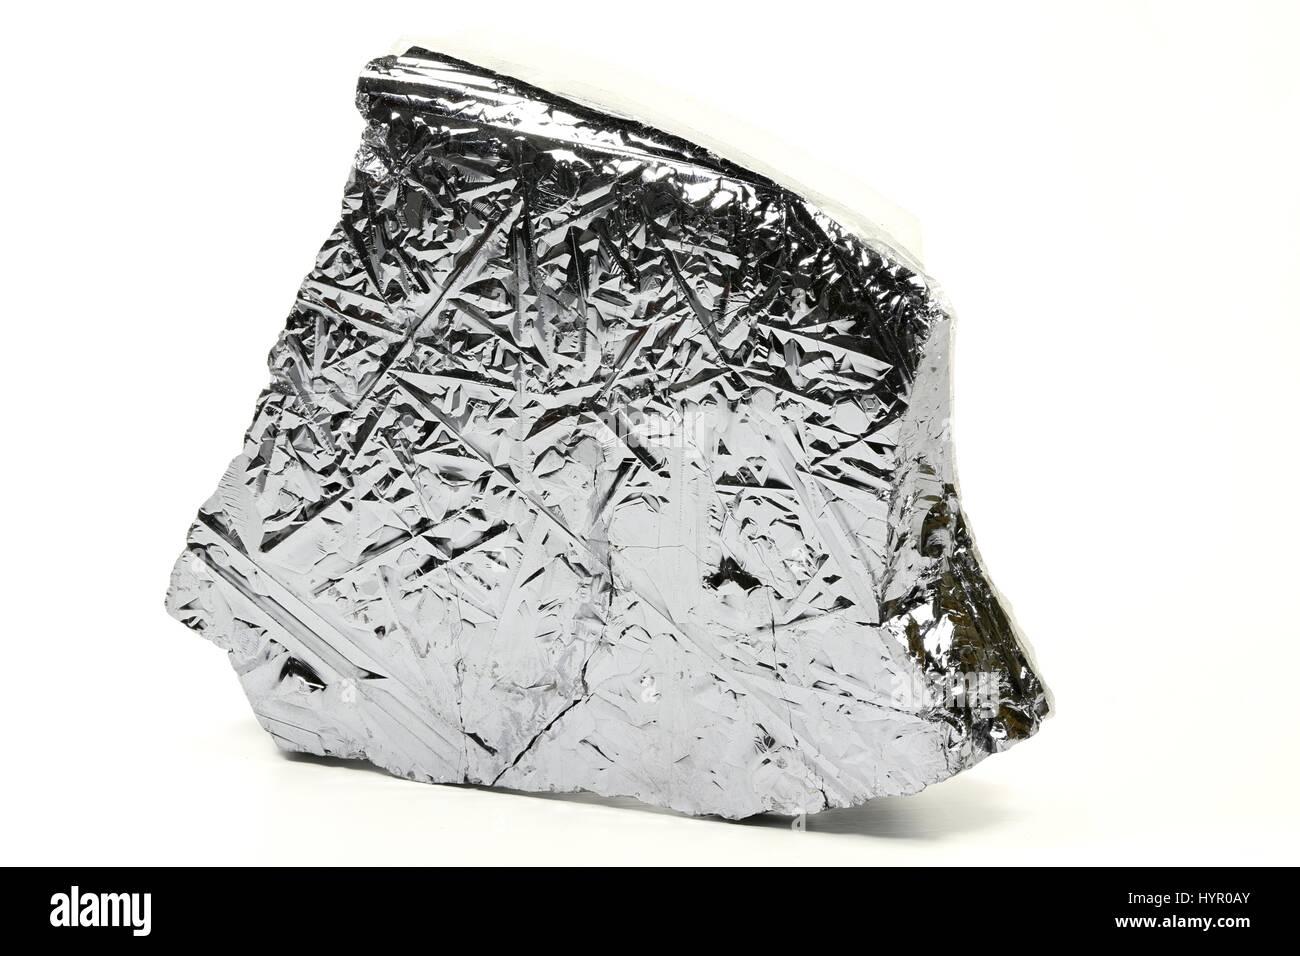 Elevata purezza del silicio policristallino da Freiberg/ Germania isolati su sfondo bianco Immagini Stock